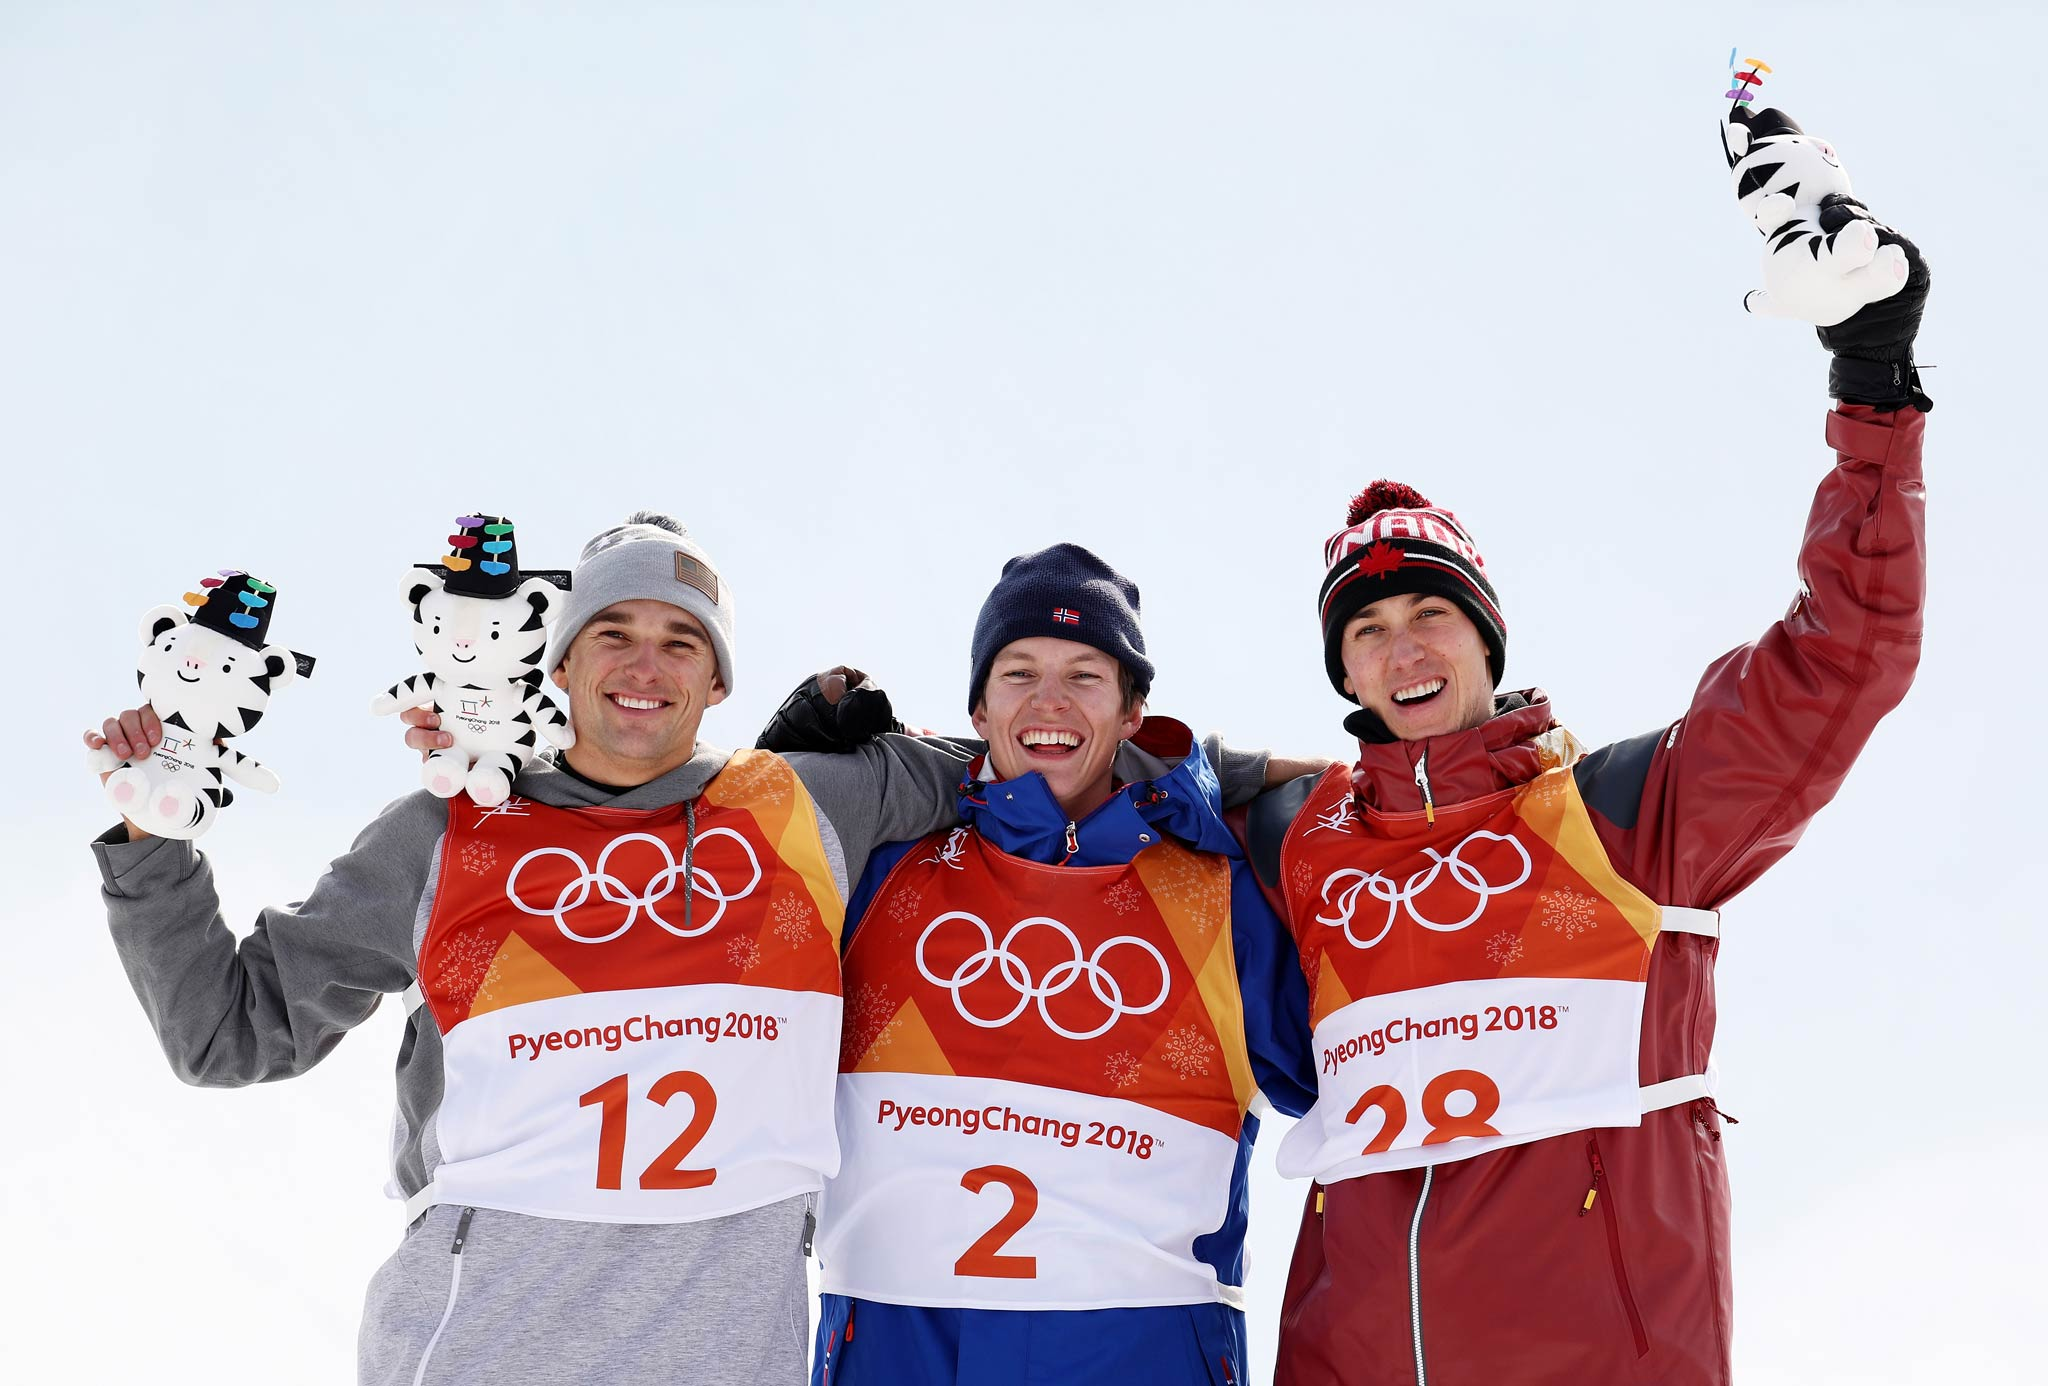 Die drei besten Slopestyle Fahrer bei den Olympischen Spielen 2018: Nick Goepper (USA), Øystein Bråten (NOR) und Alex Beaulieu-Marchand (CAN) - Foto: Eurosport